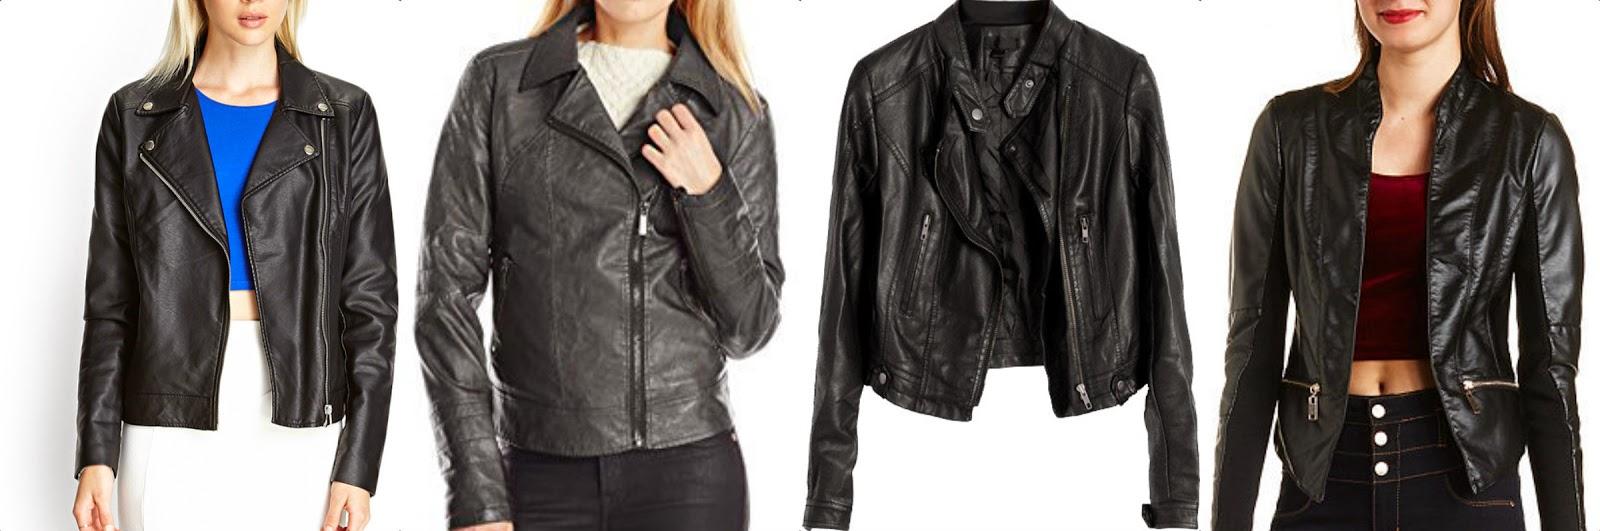 leather black moto jackets